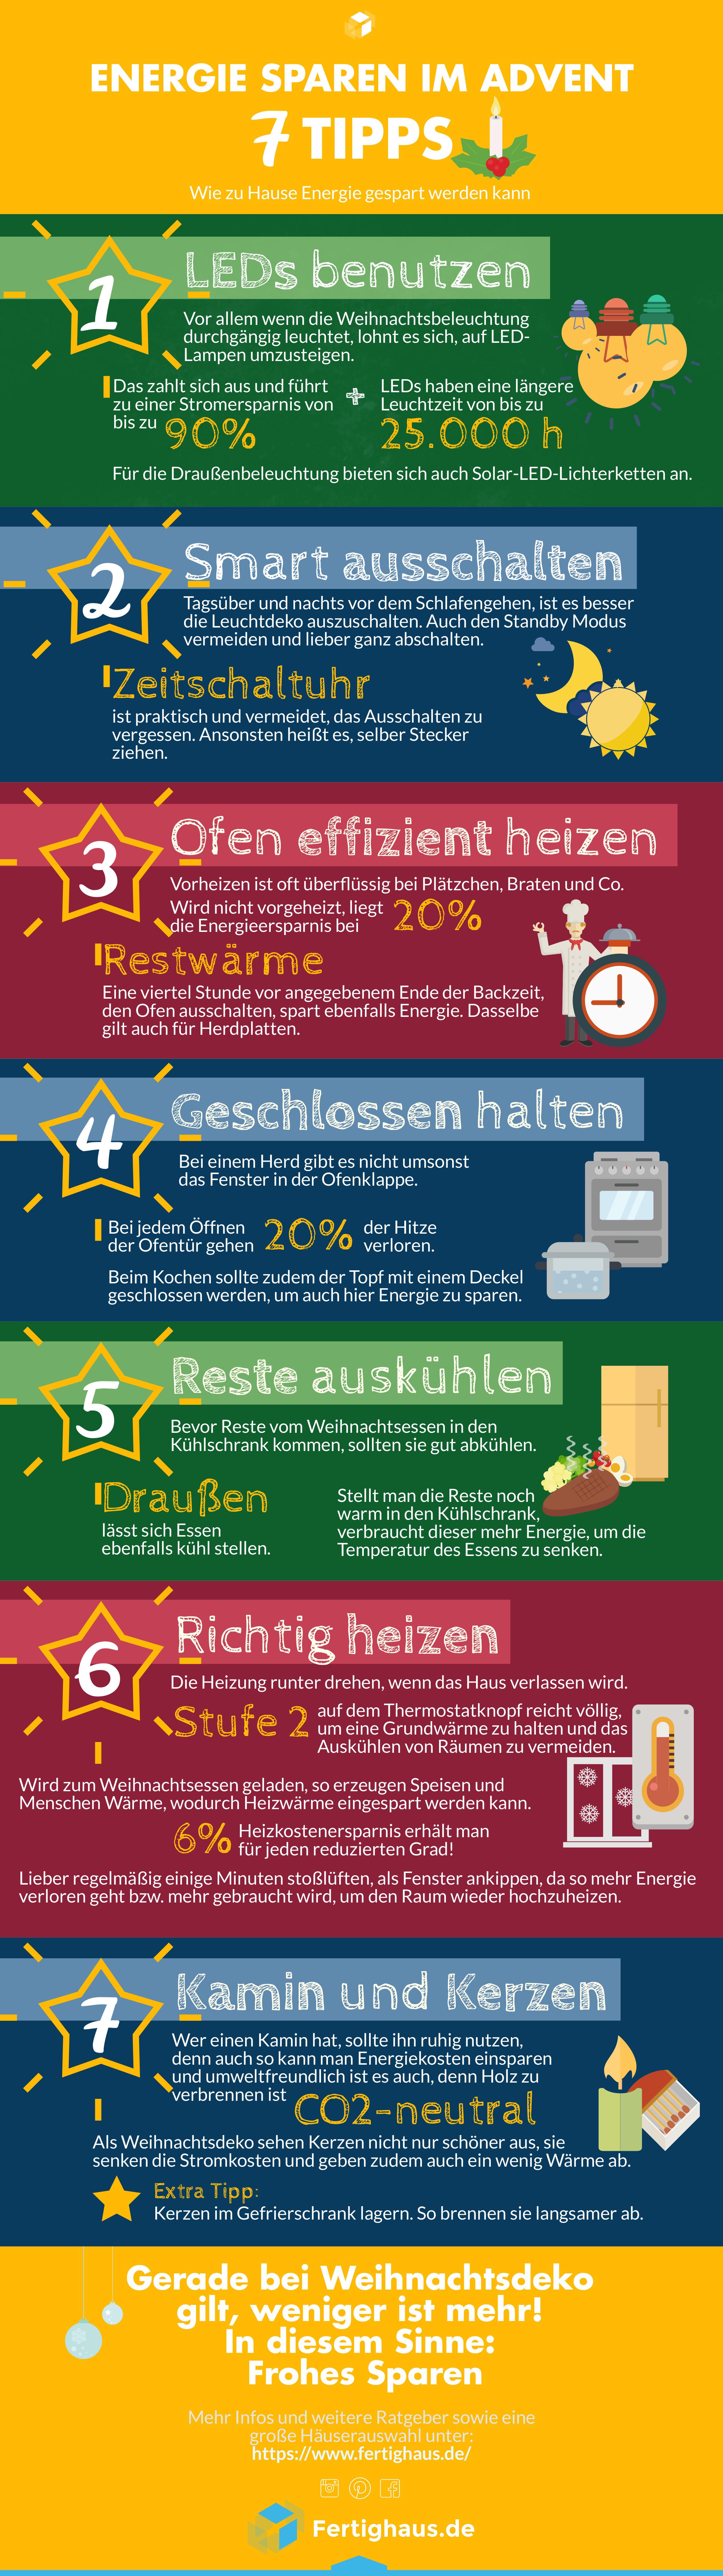 Wie Man Während Der Adventszeit Sehr Einfach Energie Sparen Kann, Verraten  Diese 7 Tipps, Die Wir Auf Fertighaus.de Gesehen Haben: